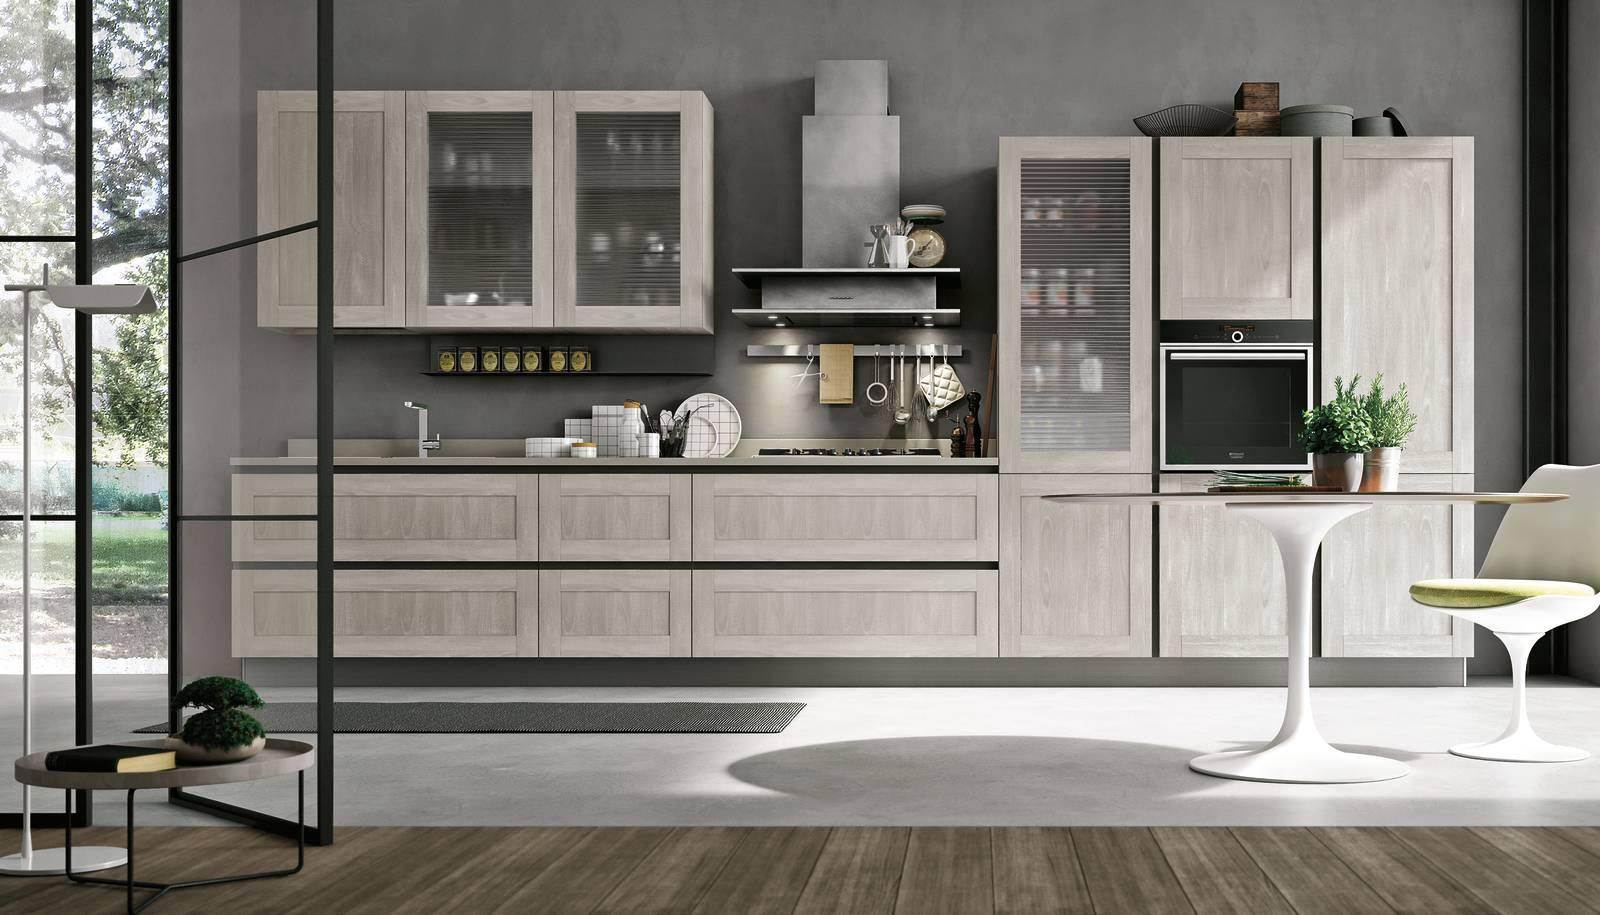 Per la cucina un piano di lavoro resistente e facile da for Cucine immagini